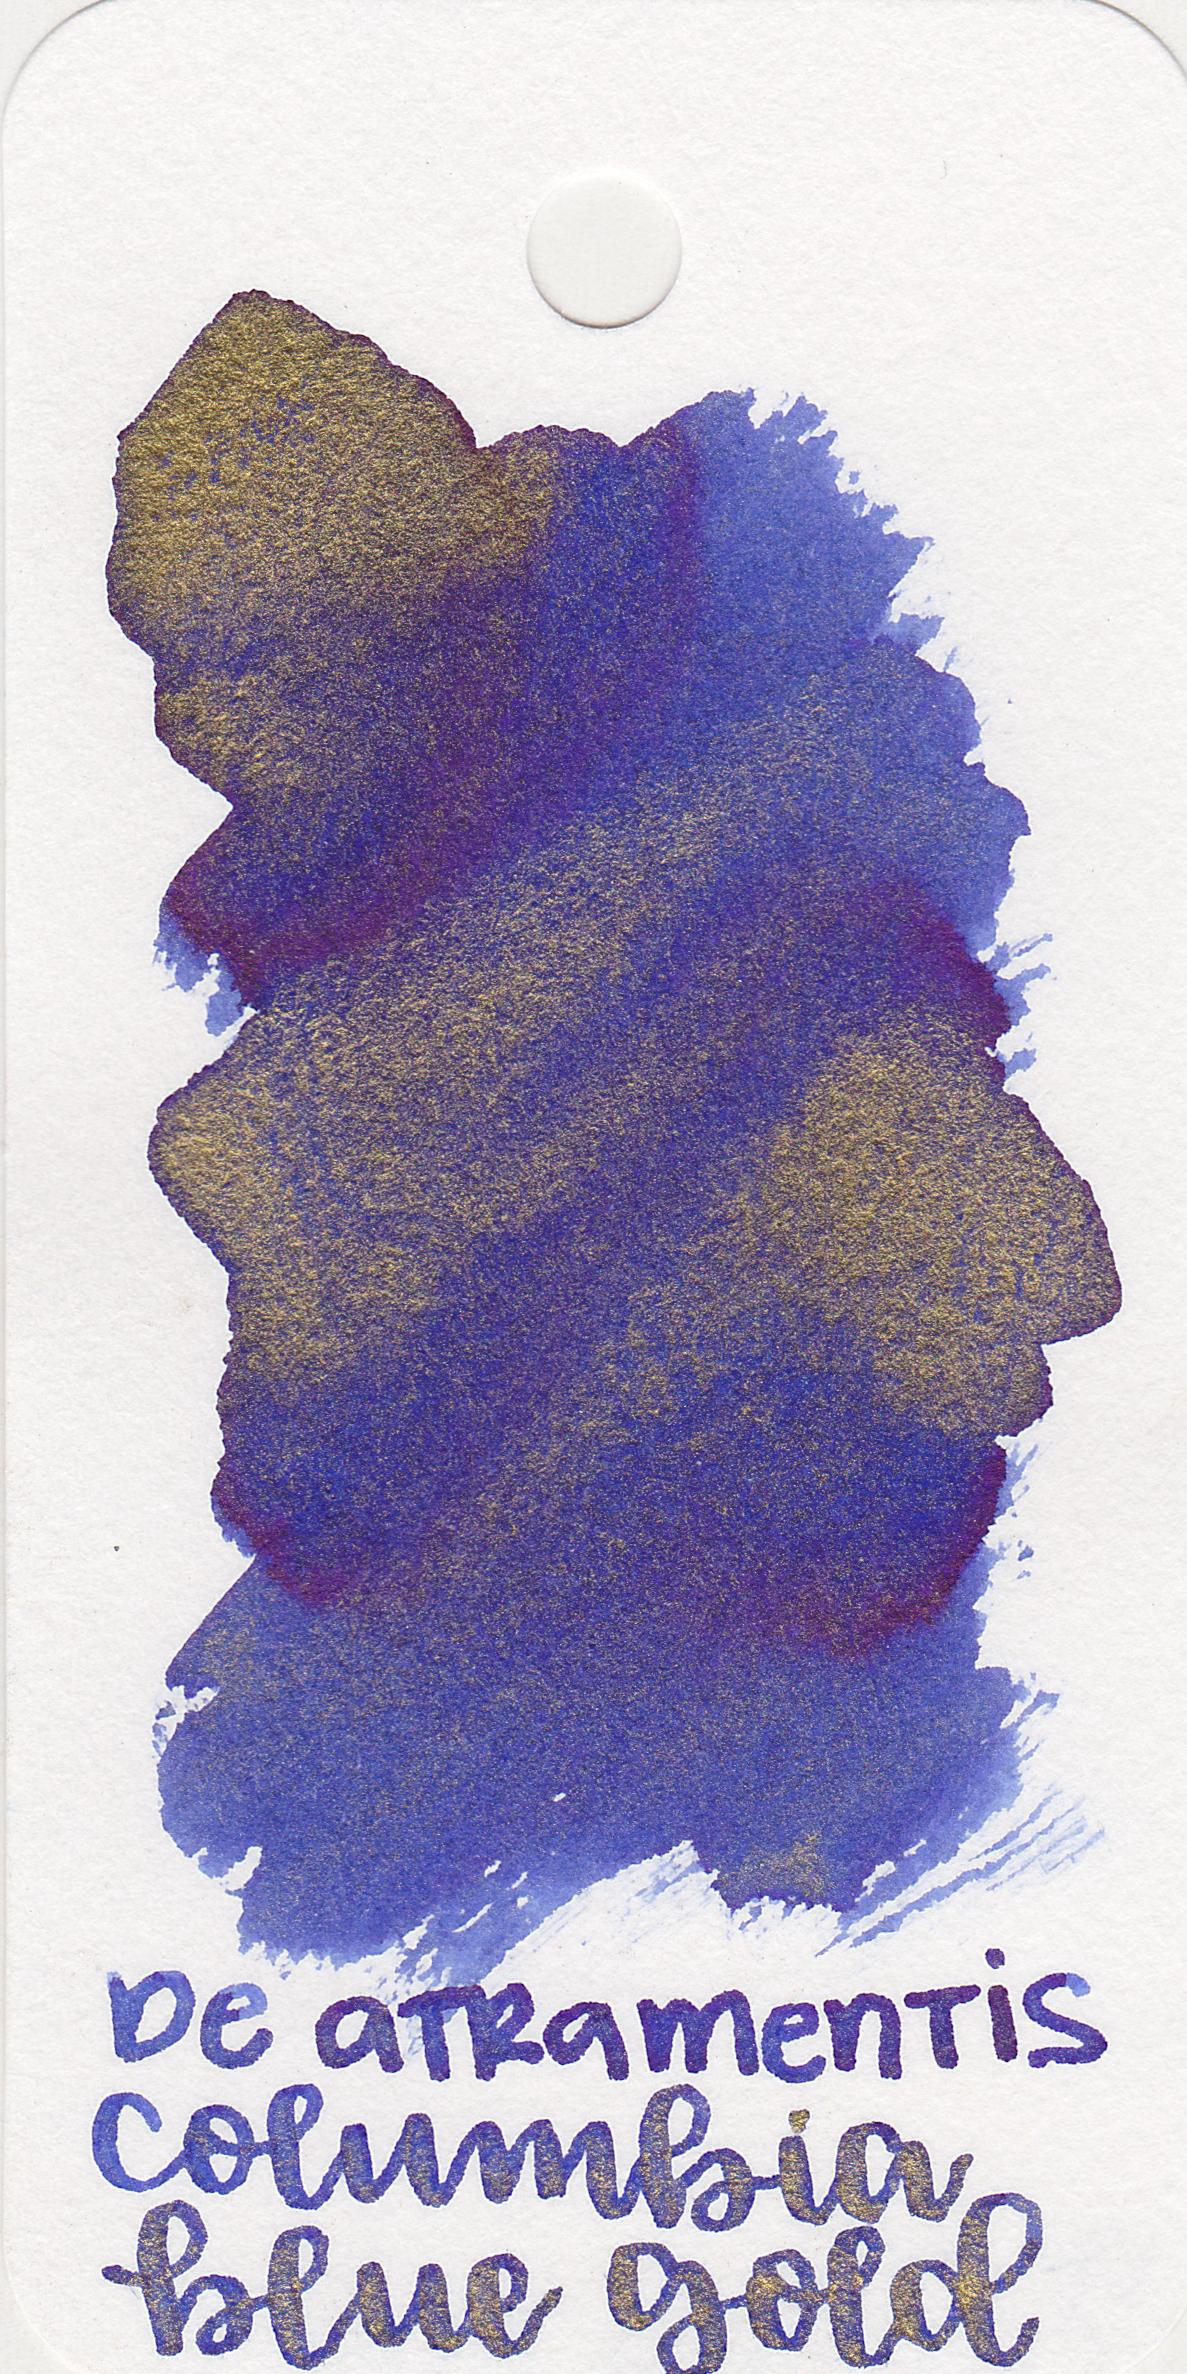 da-columbia-blue-gold-1.jpg